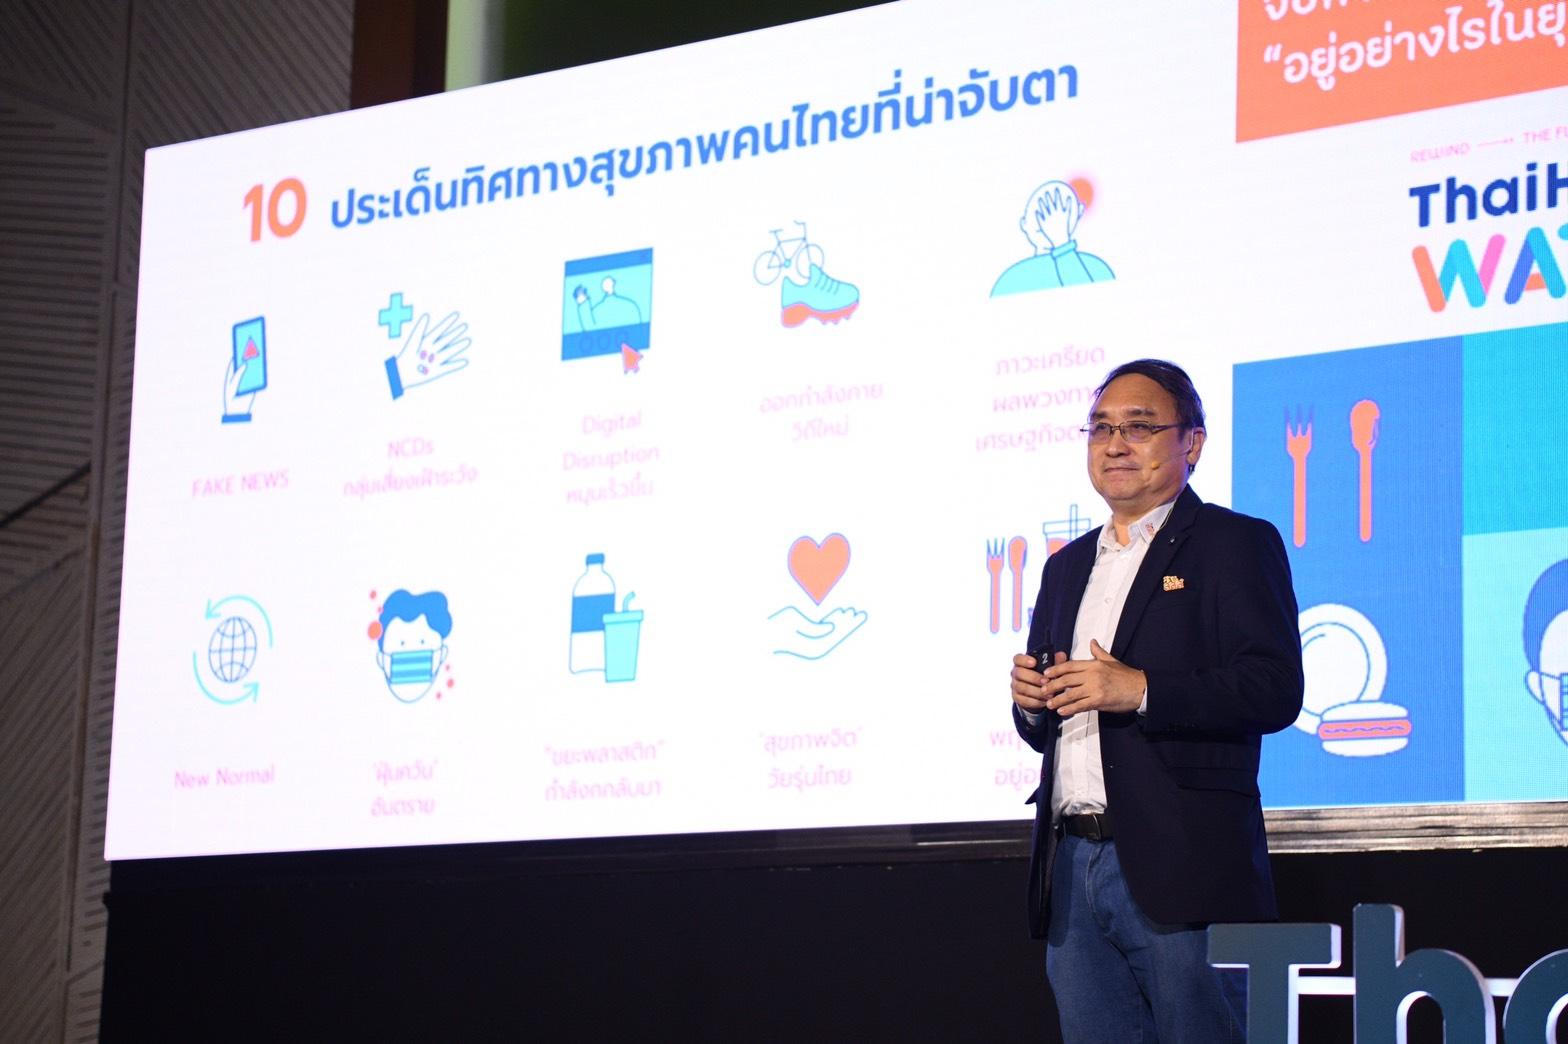 สสส.เจาะลึกทิศทางสุขภาพคนไทย ปี 2564 thaihealth